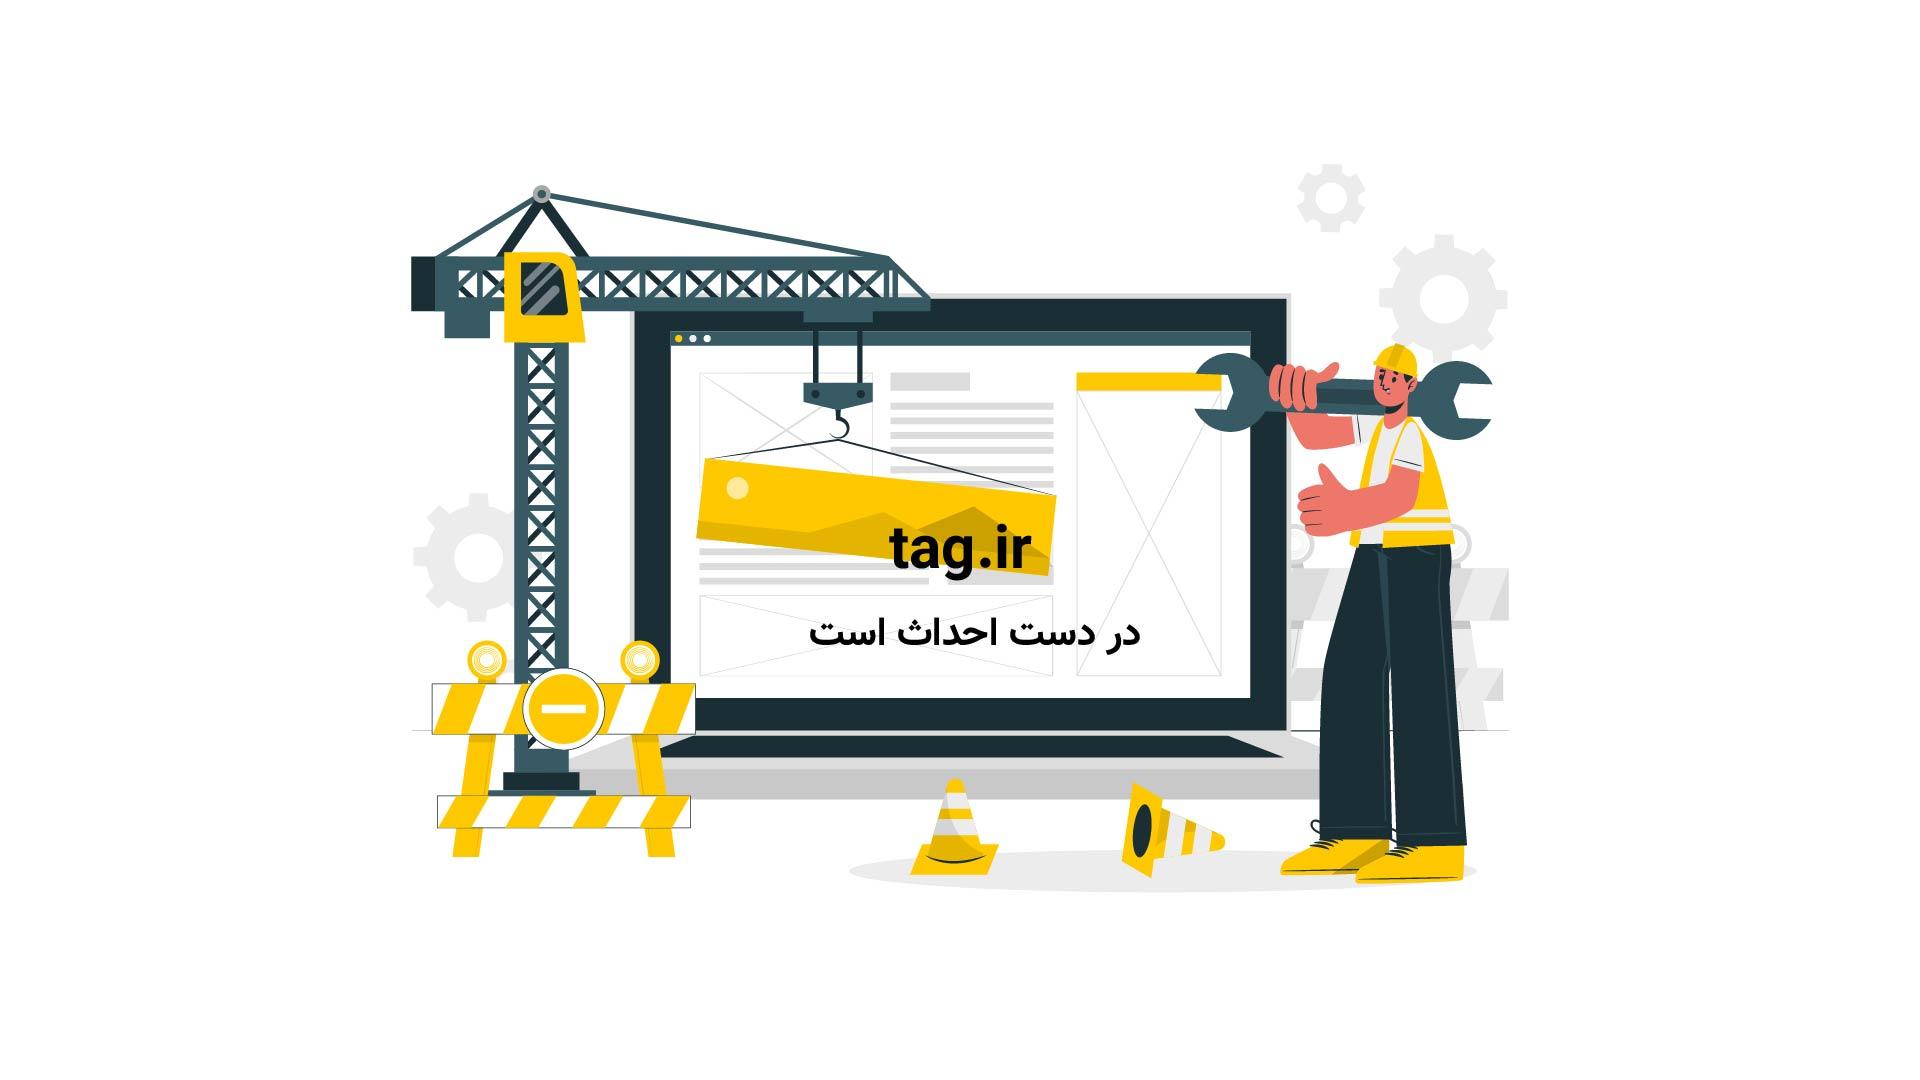 انیمیشن کمدی پرندگان و سیم برق